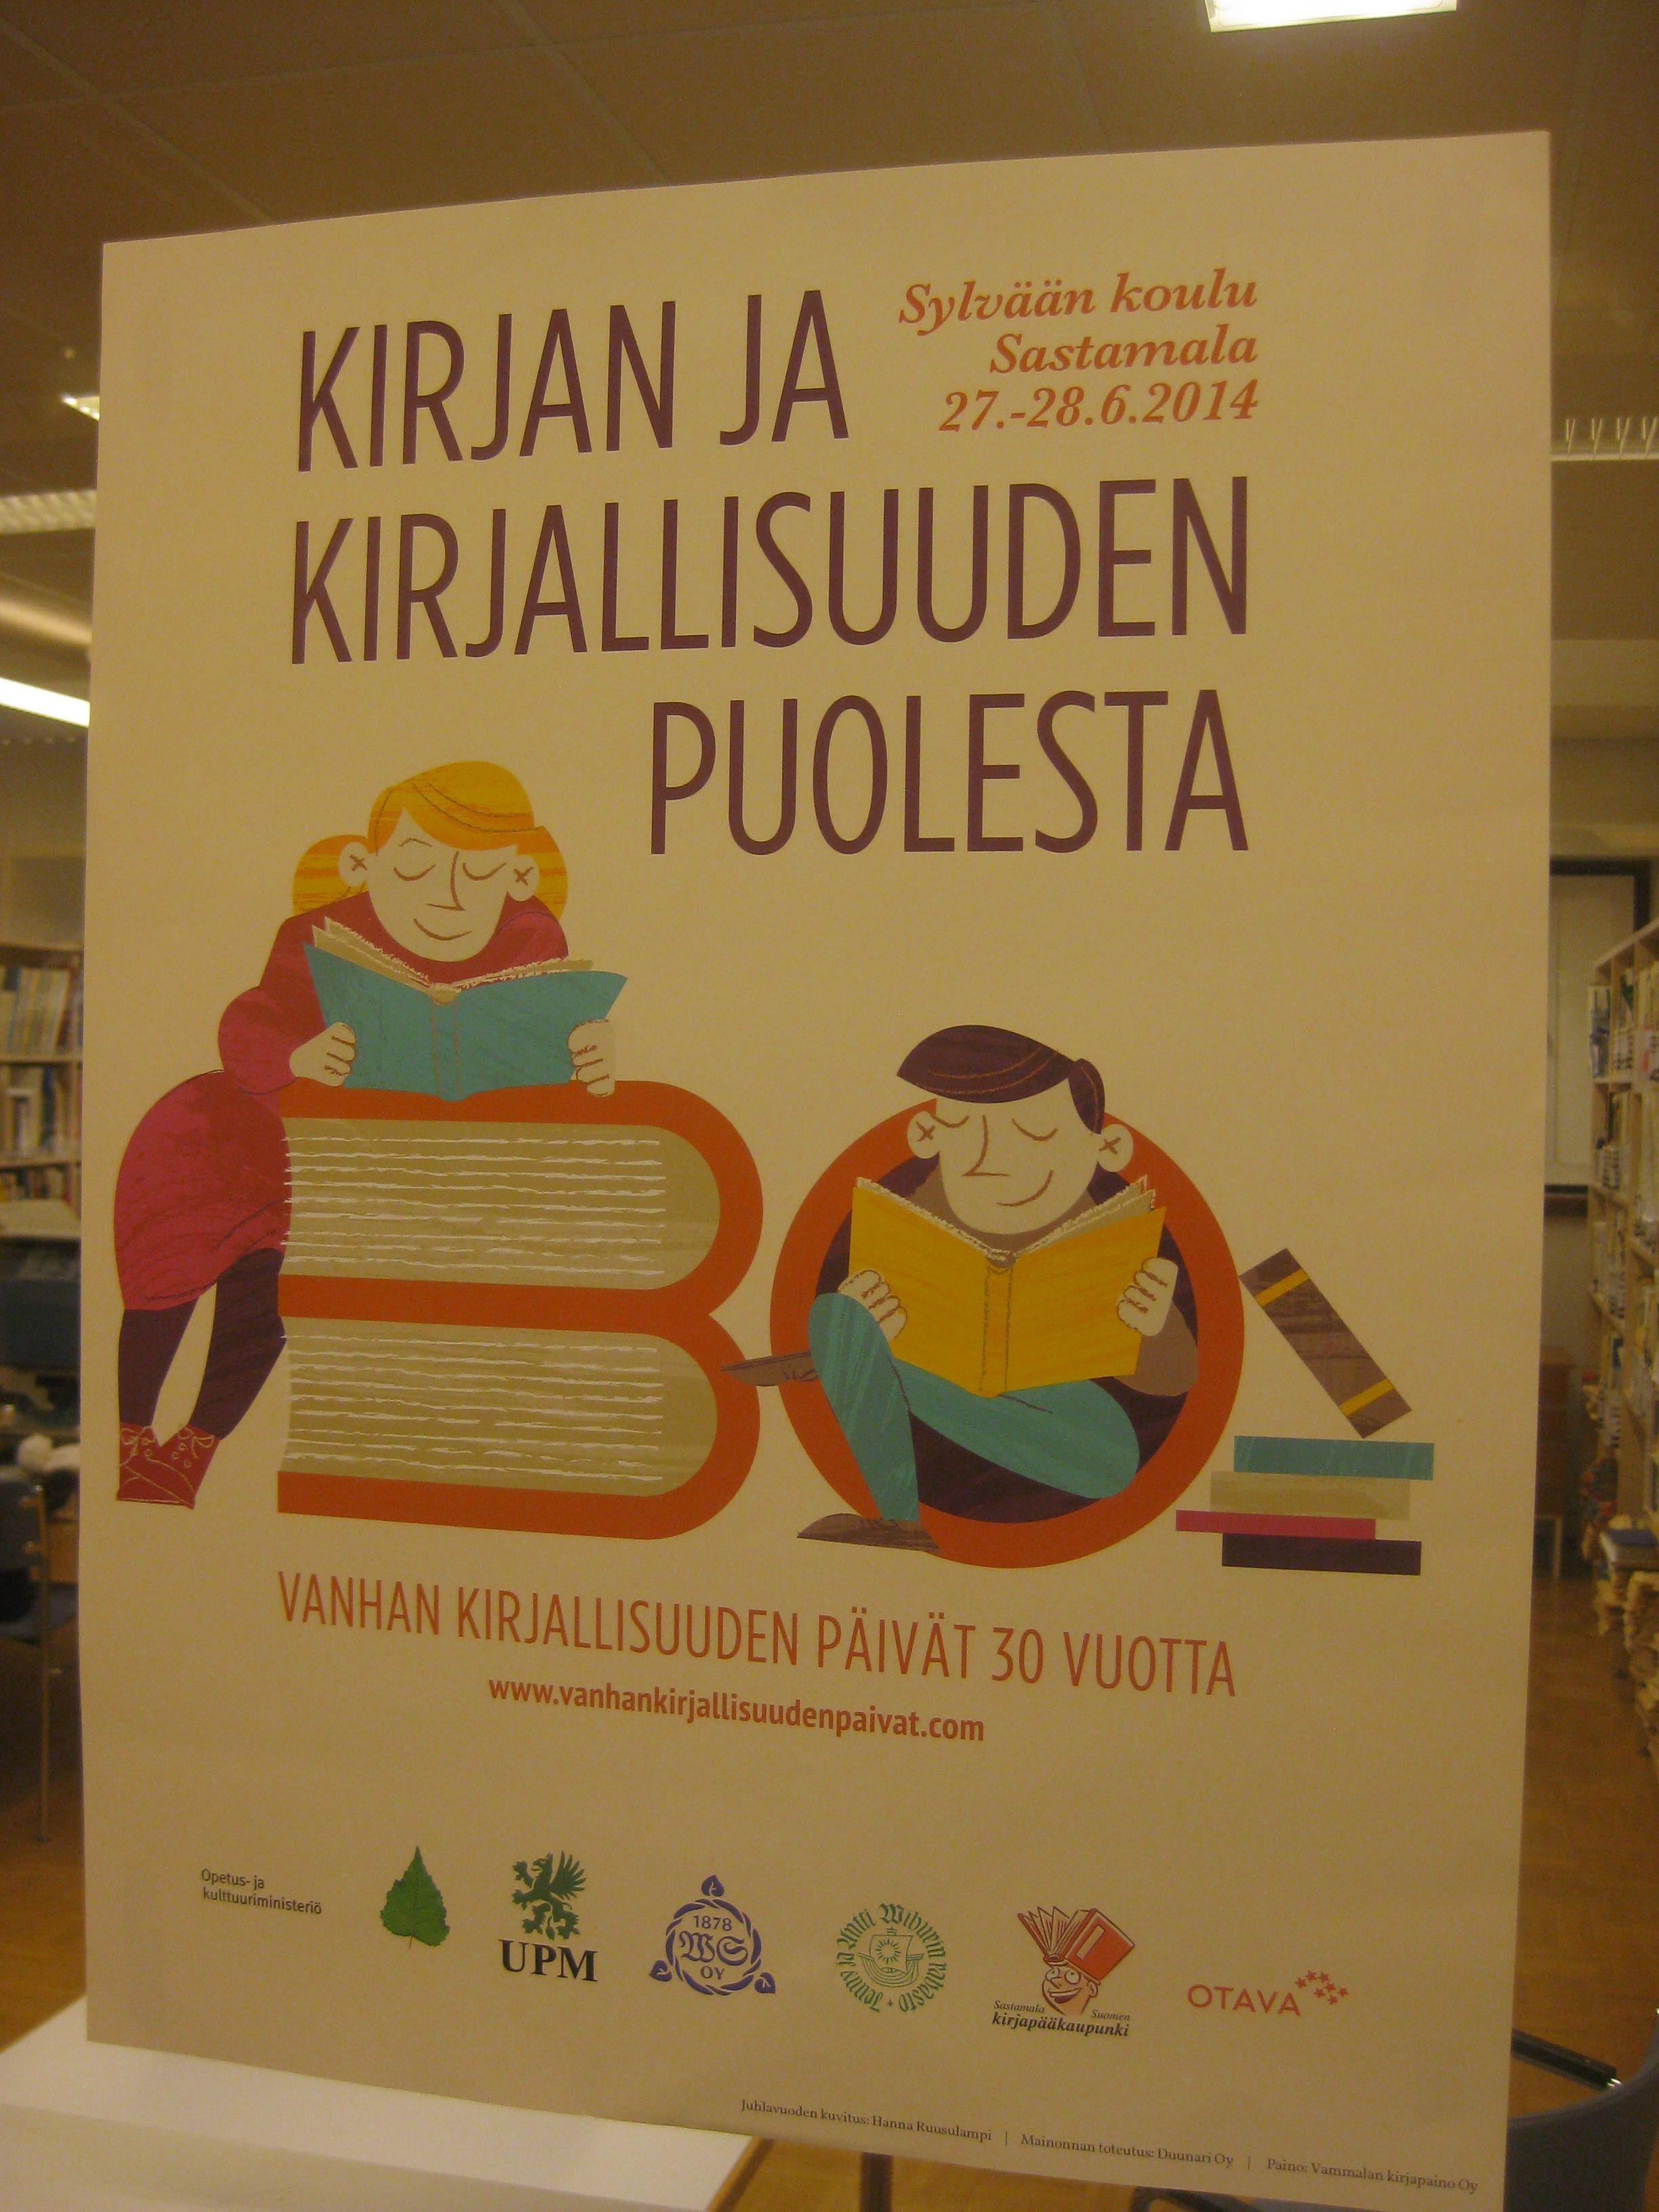 Kuuluisat vanhan kirjallisuuden päivät mainos hieman vanhentunut :) Uutta odotellessa?